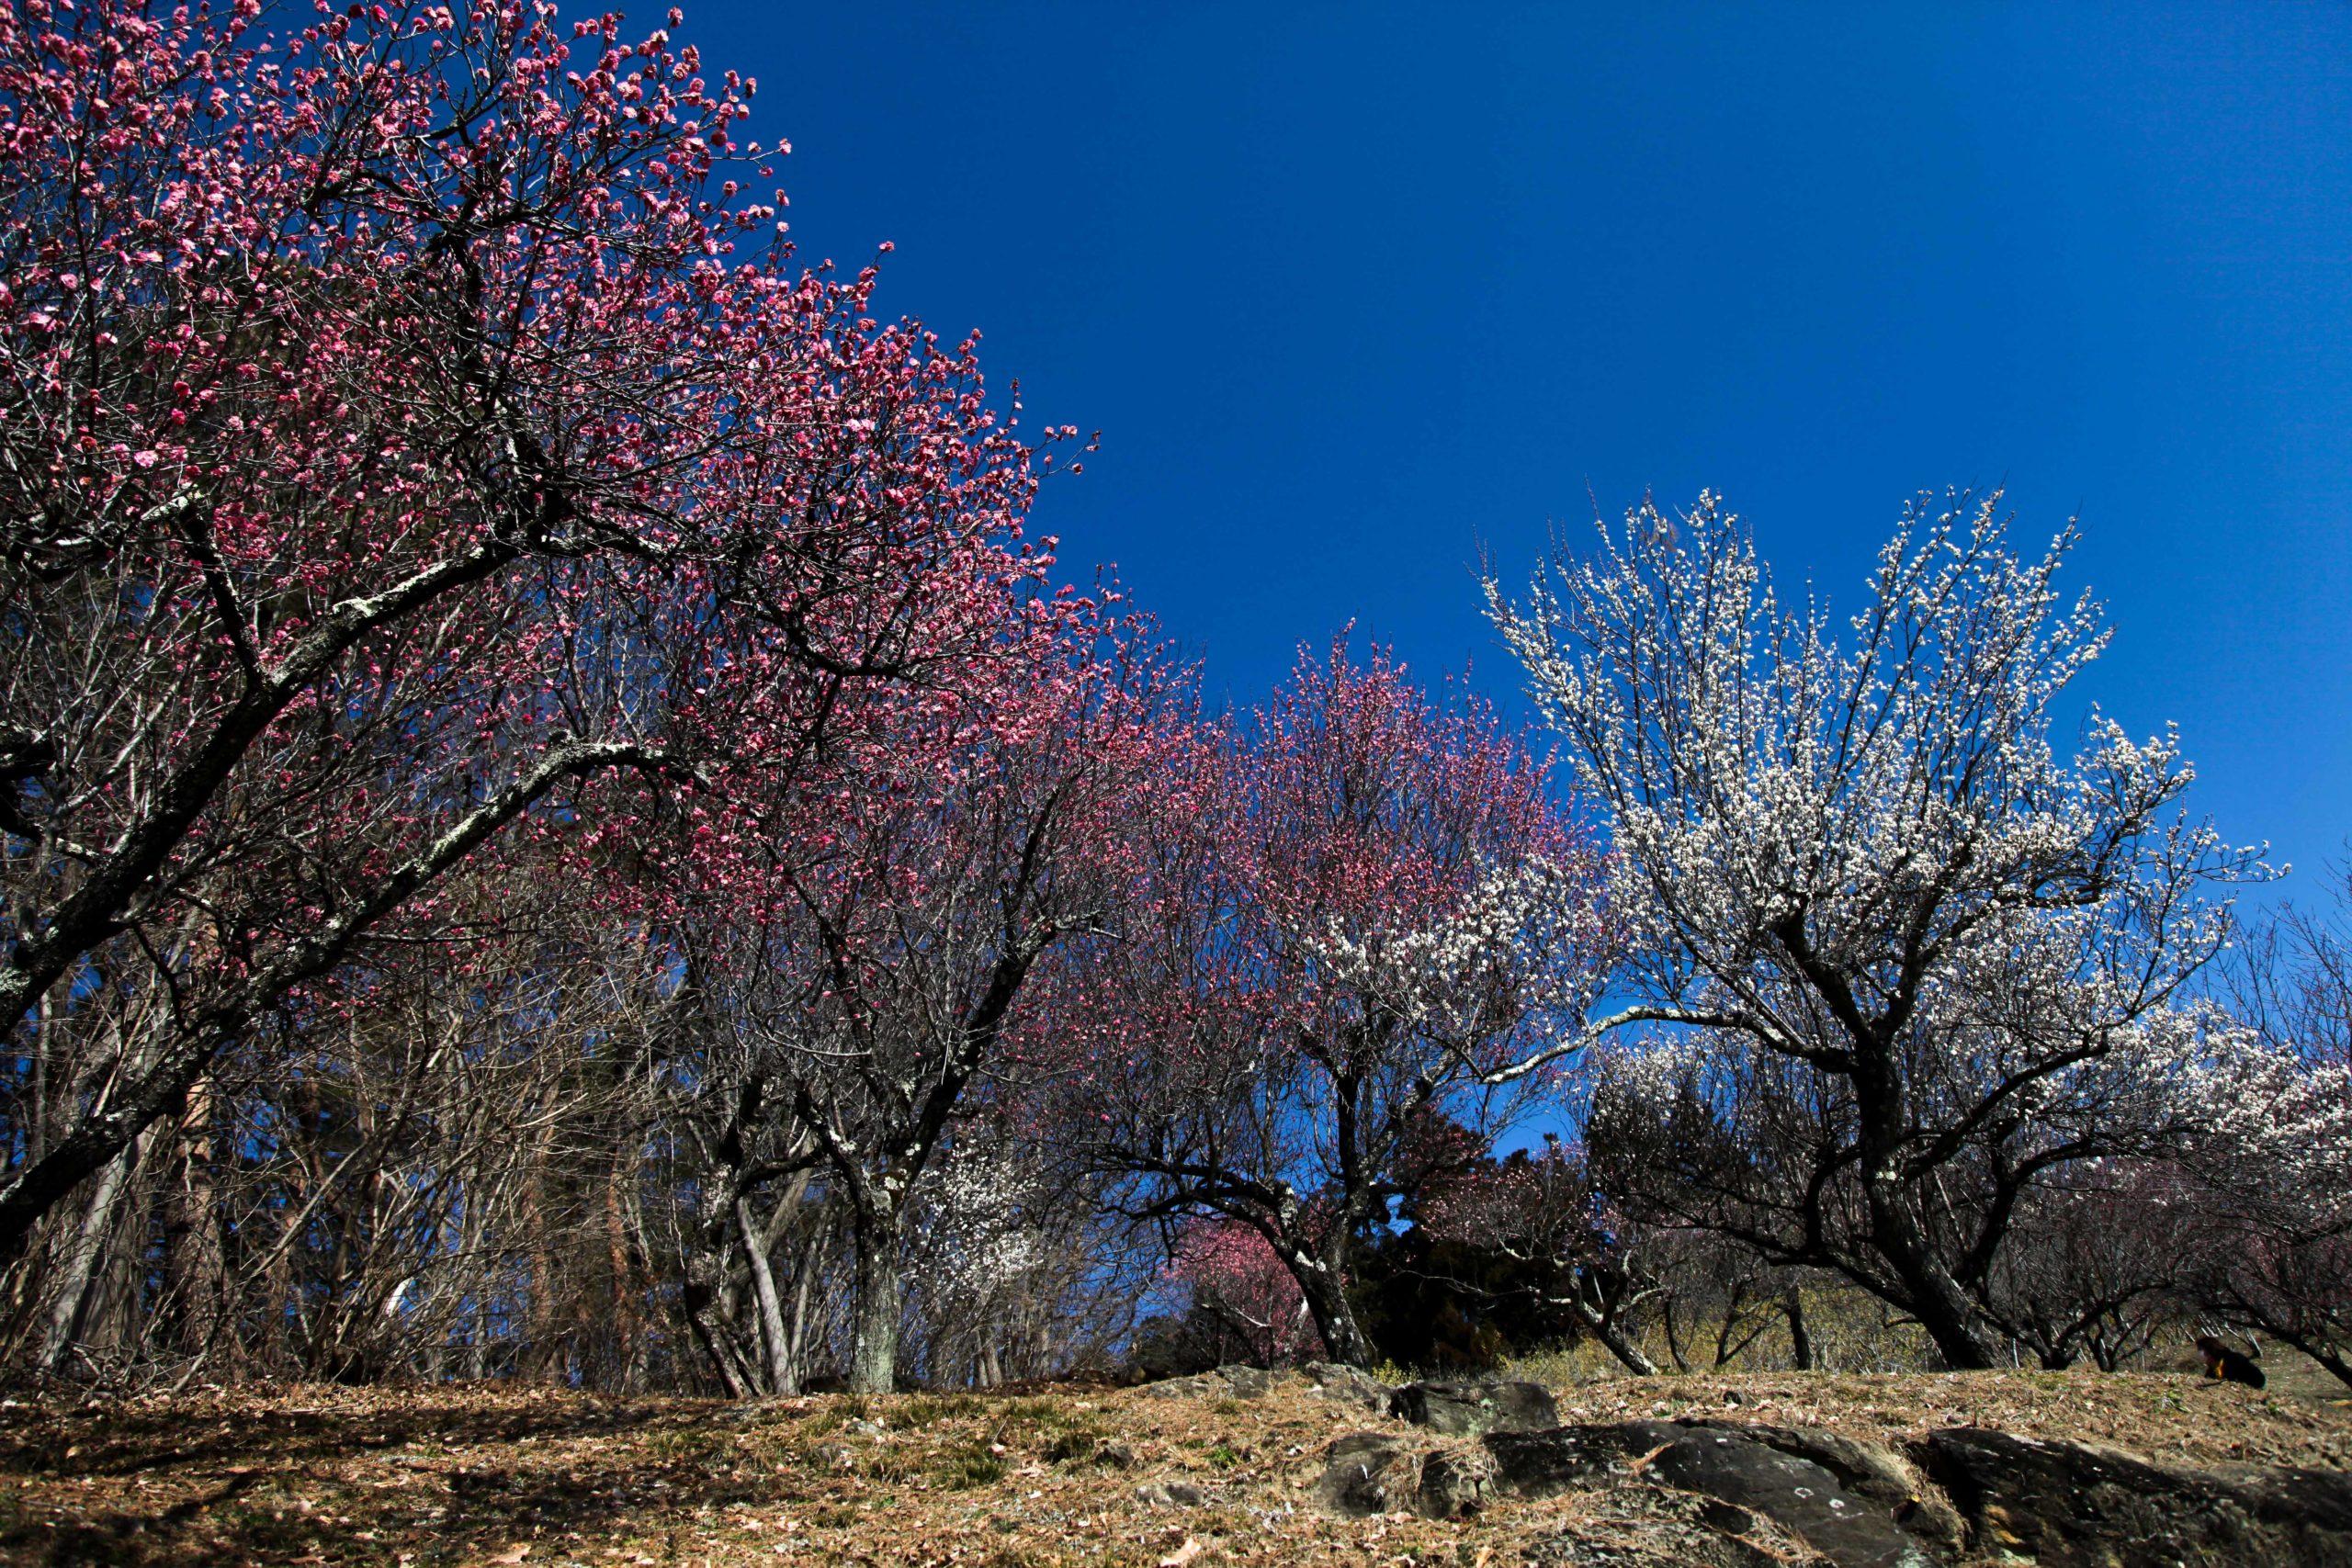 【2020】長瀞の宝登山梅百花園の開花状況や駐車場&山頂への行き方